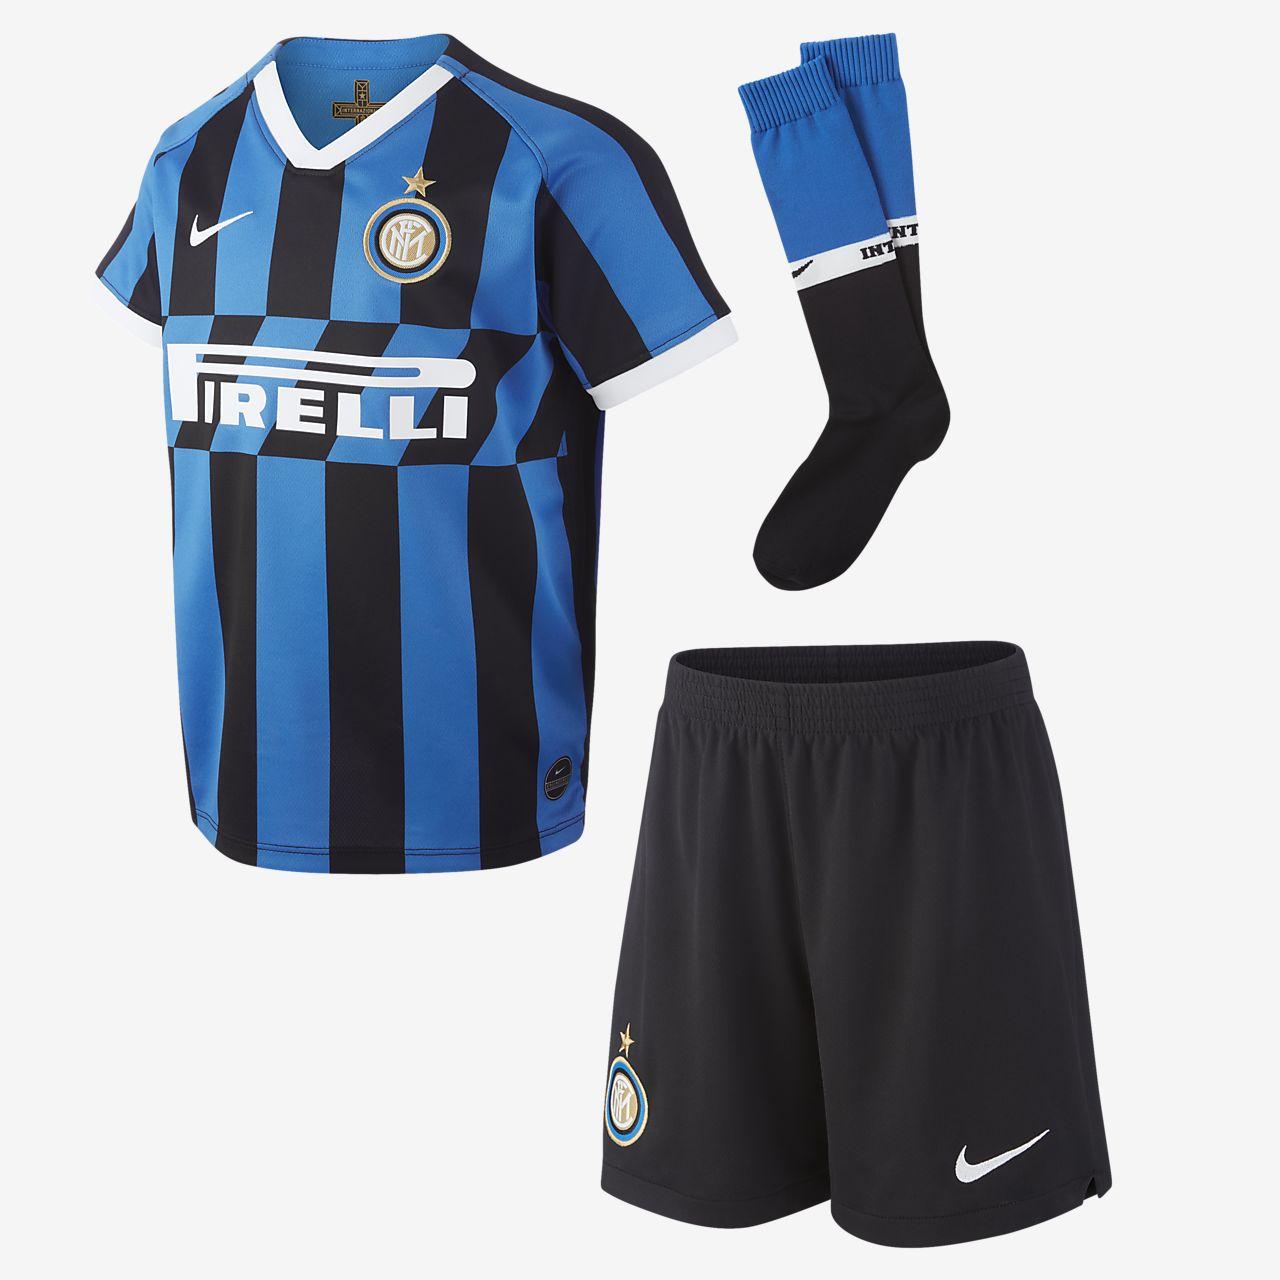 Inter Milan 2019/20 Home Equipación de fútbol - Niño/a pequeño/a